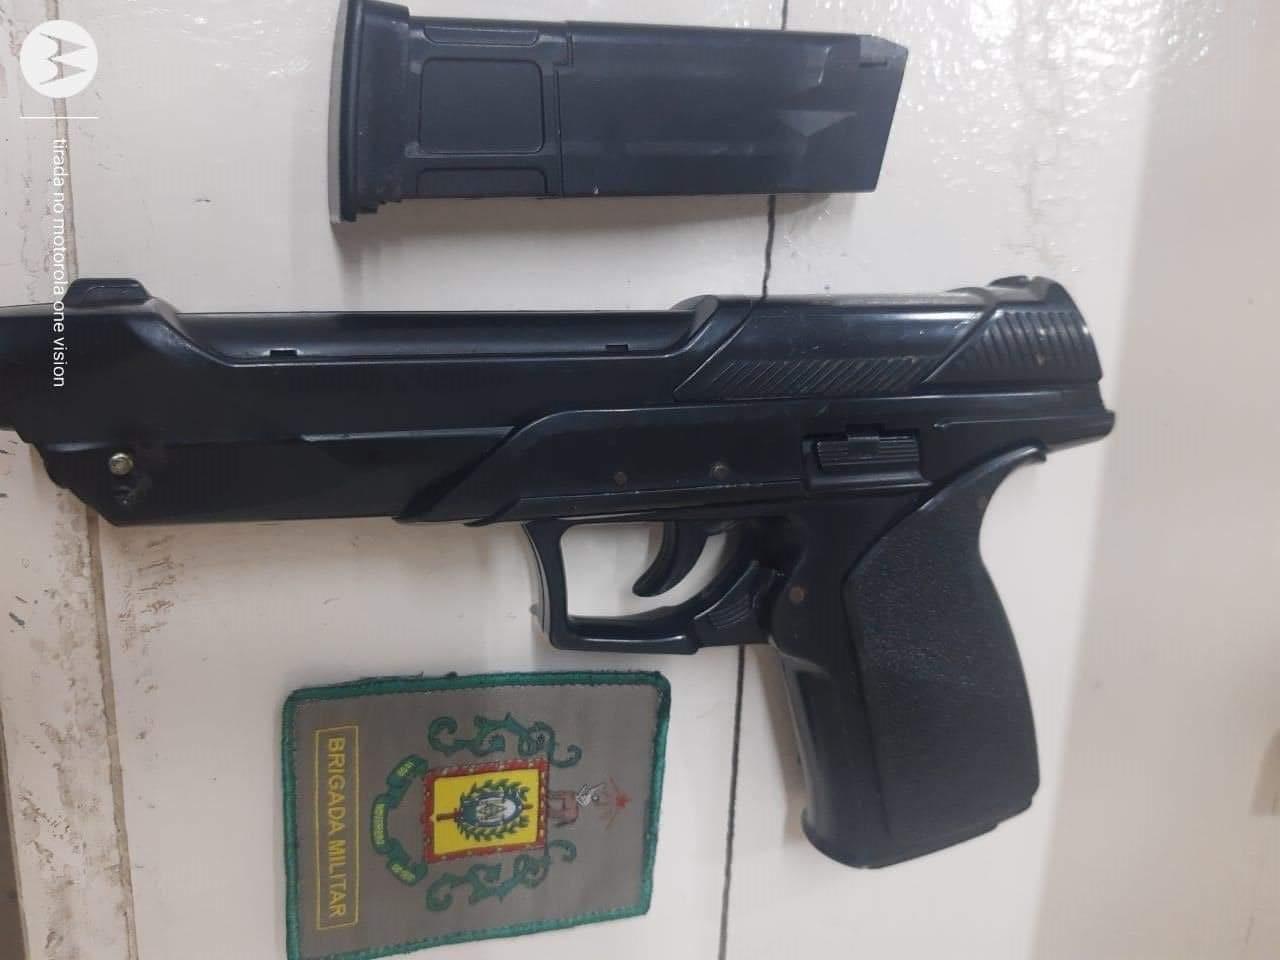 Homem que ostentava armas em redes sociais é detido pela BM em Canela